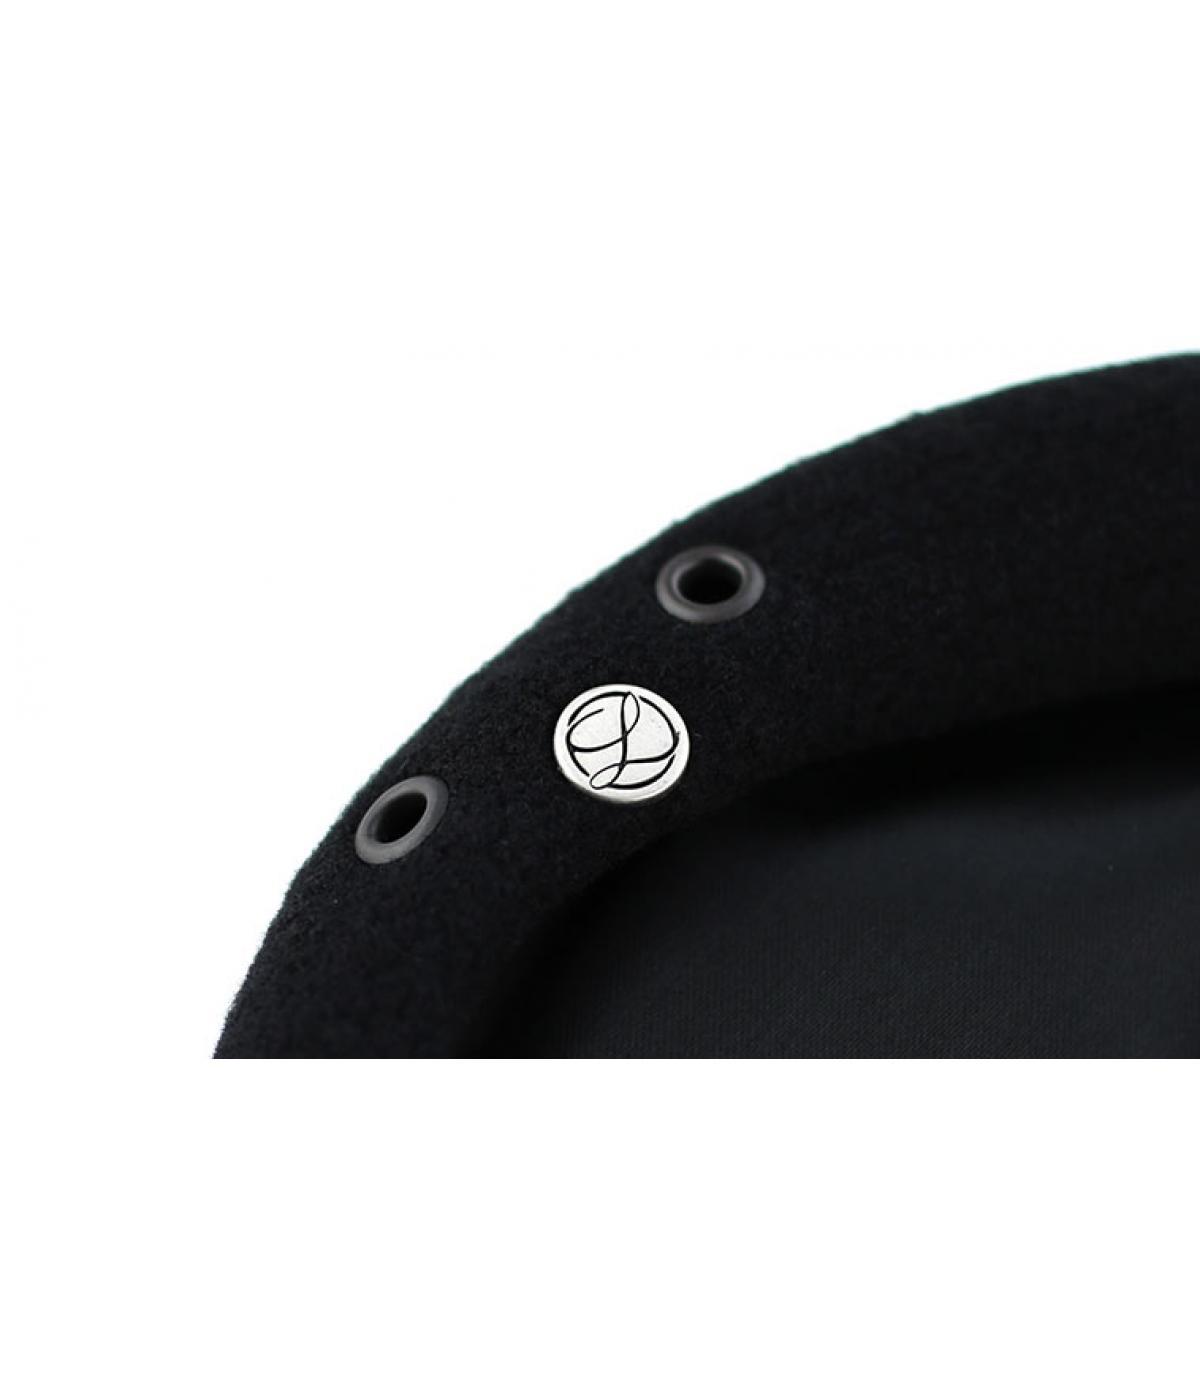 Dettagli Berretto commando nero nero - image 3